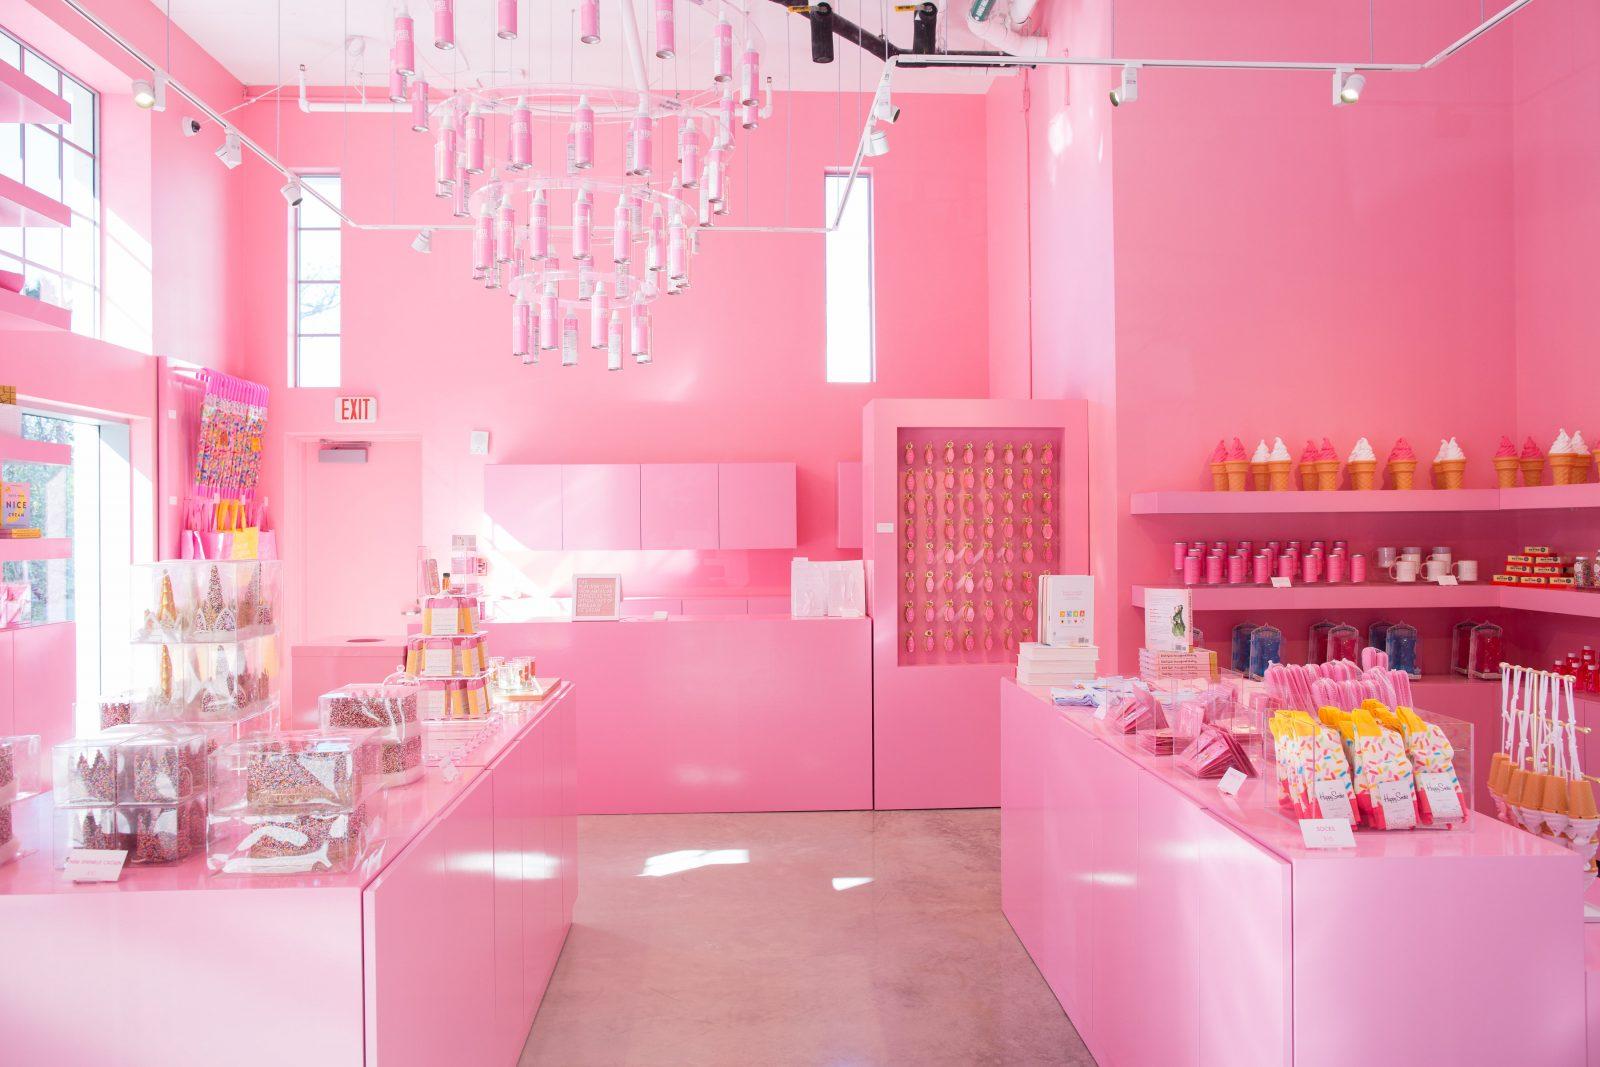 Museum of Ice Cream, Miami